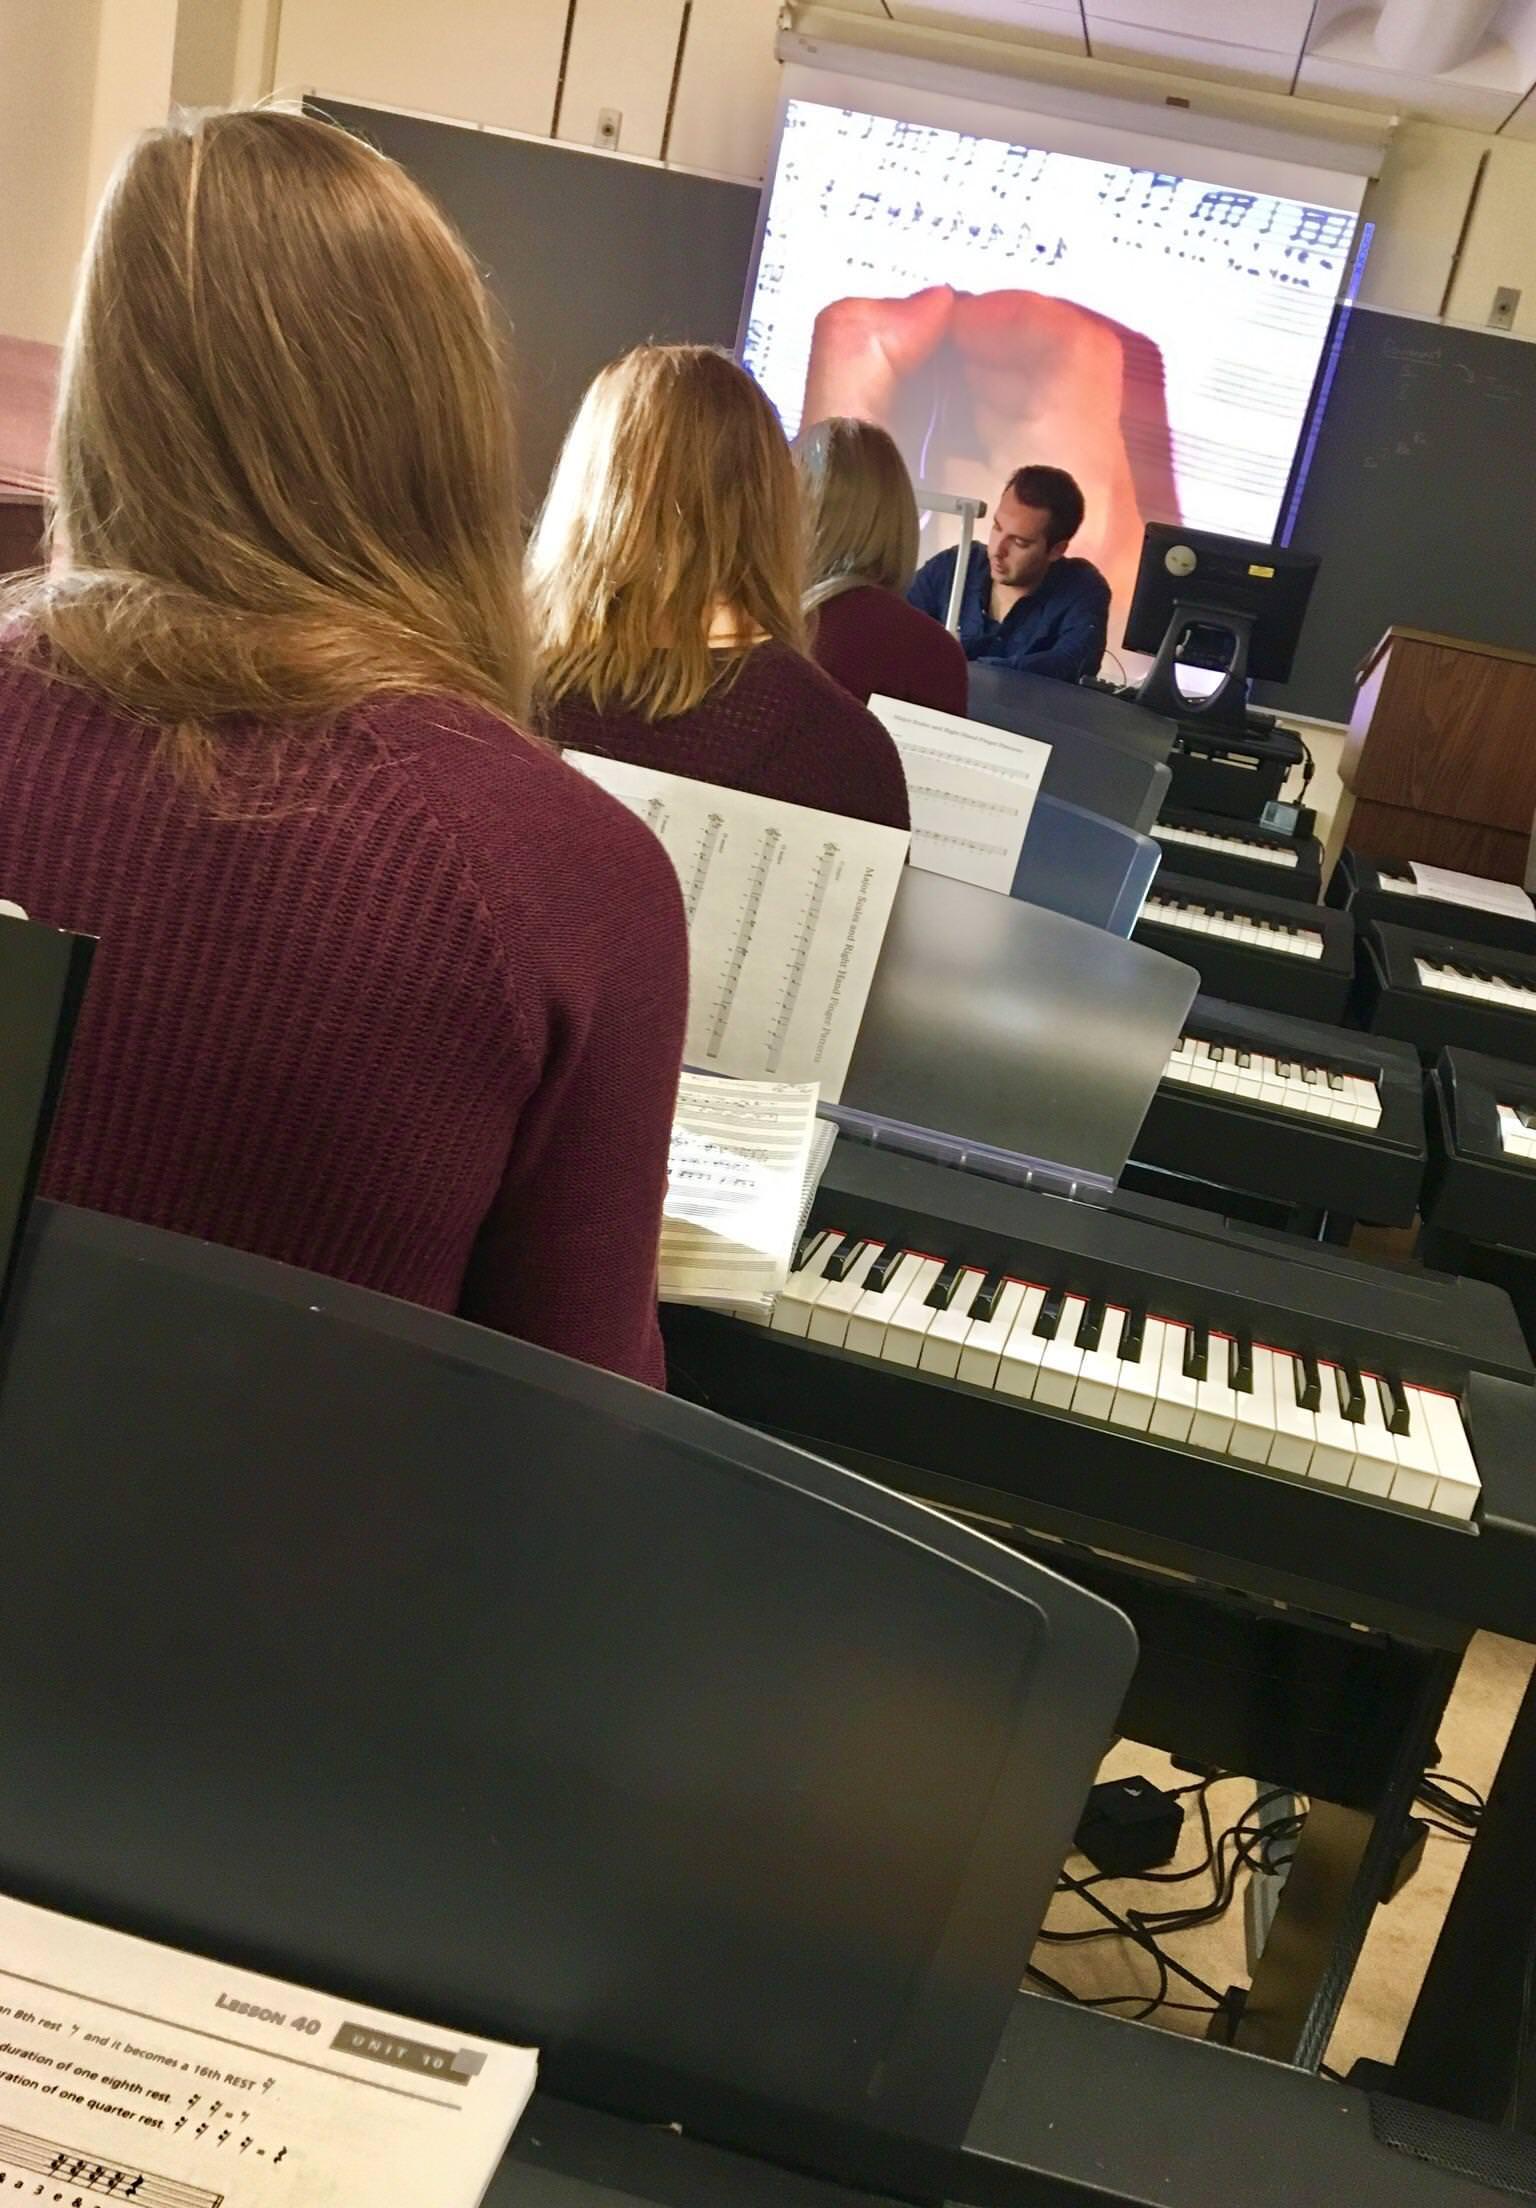 3 estudiantes que llevan el mismo suéter